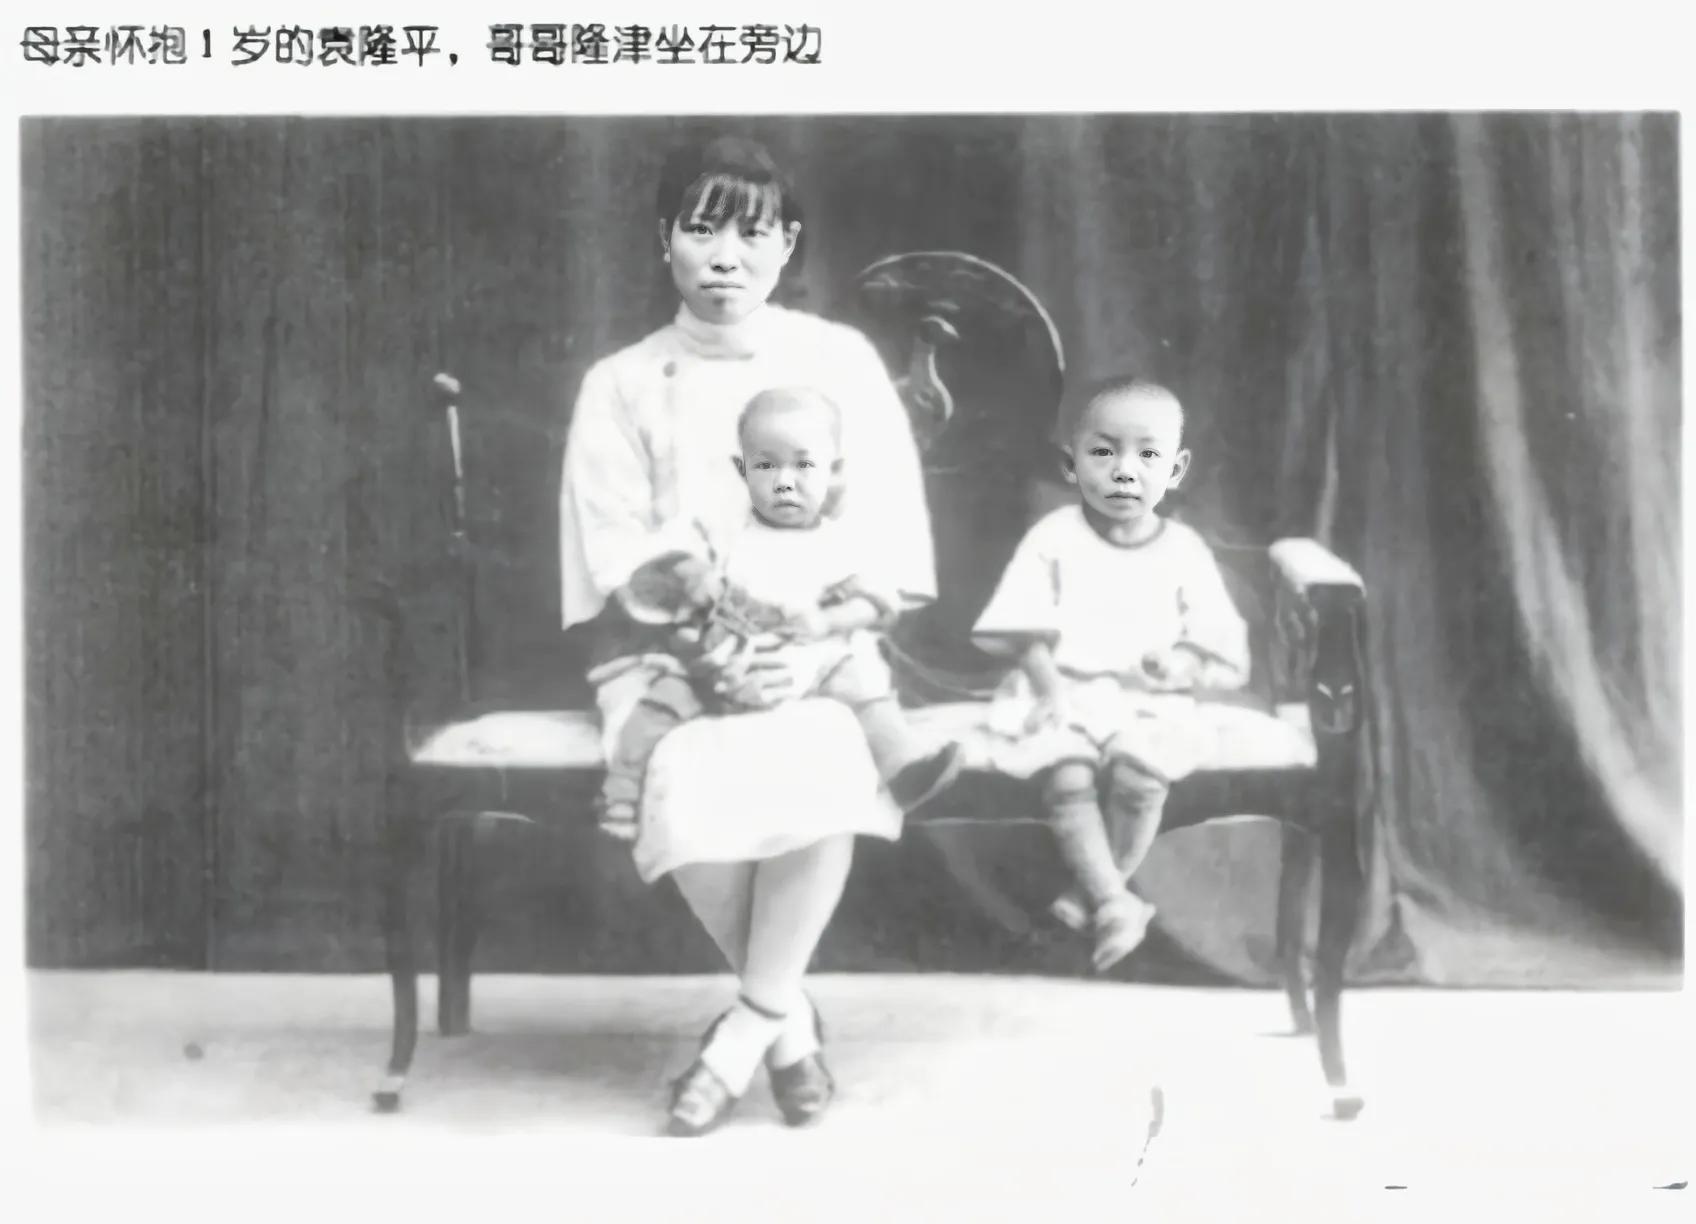 袁隆平母亲华静:动荡年代守护儿子,他写给母亲的信,看哭了读者